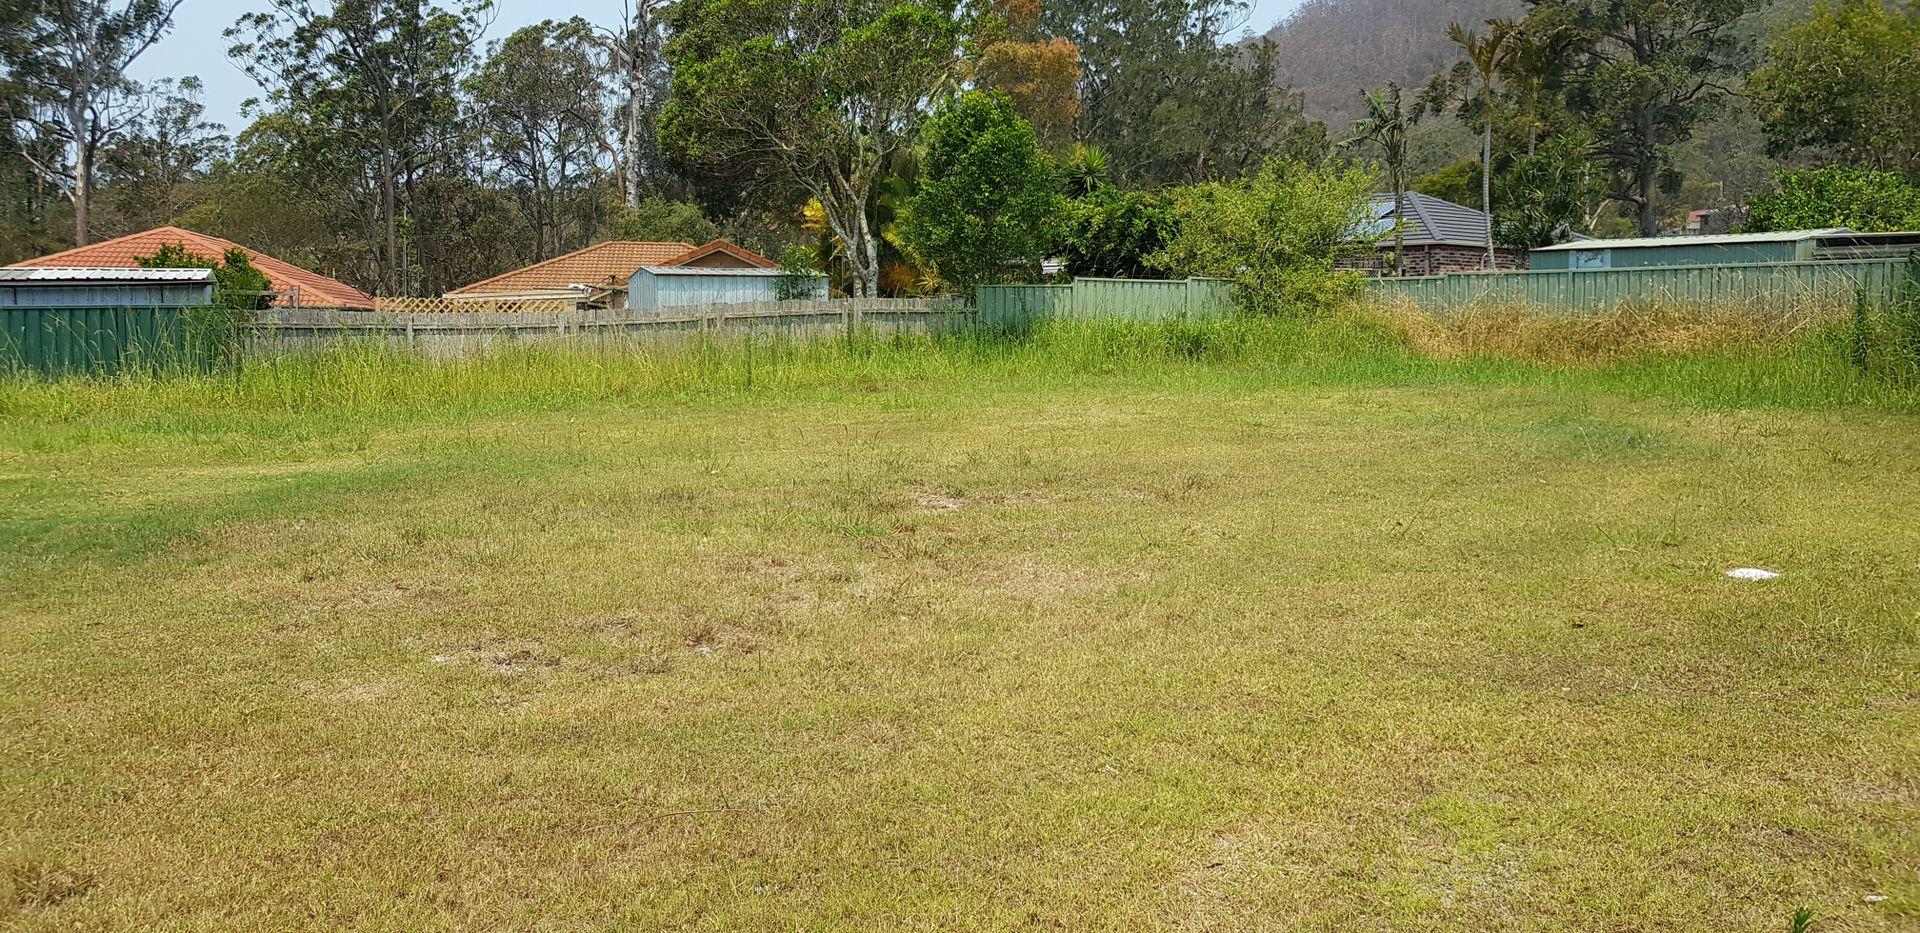 Lot 4 Bottlebrush Place, Lakewood NSW 2443, Image 1